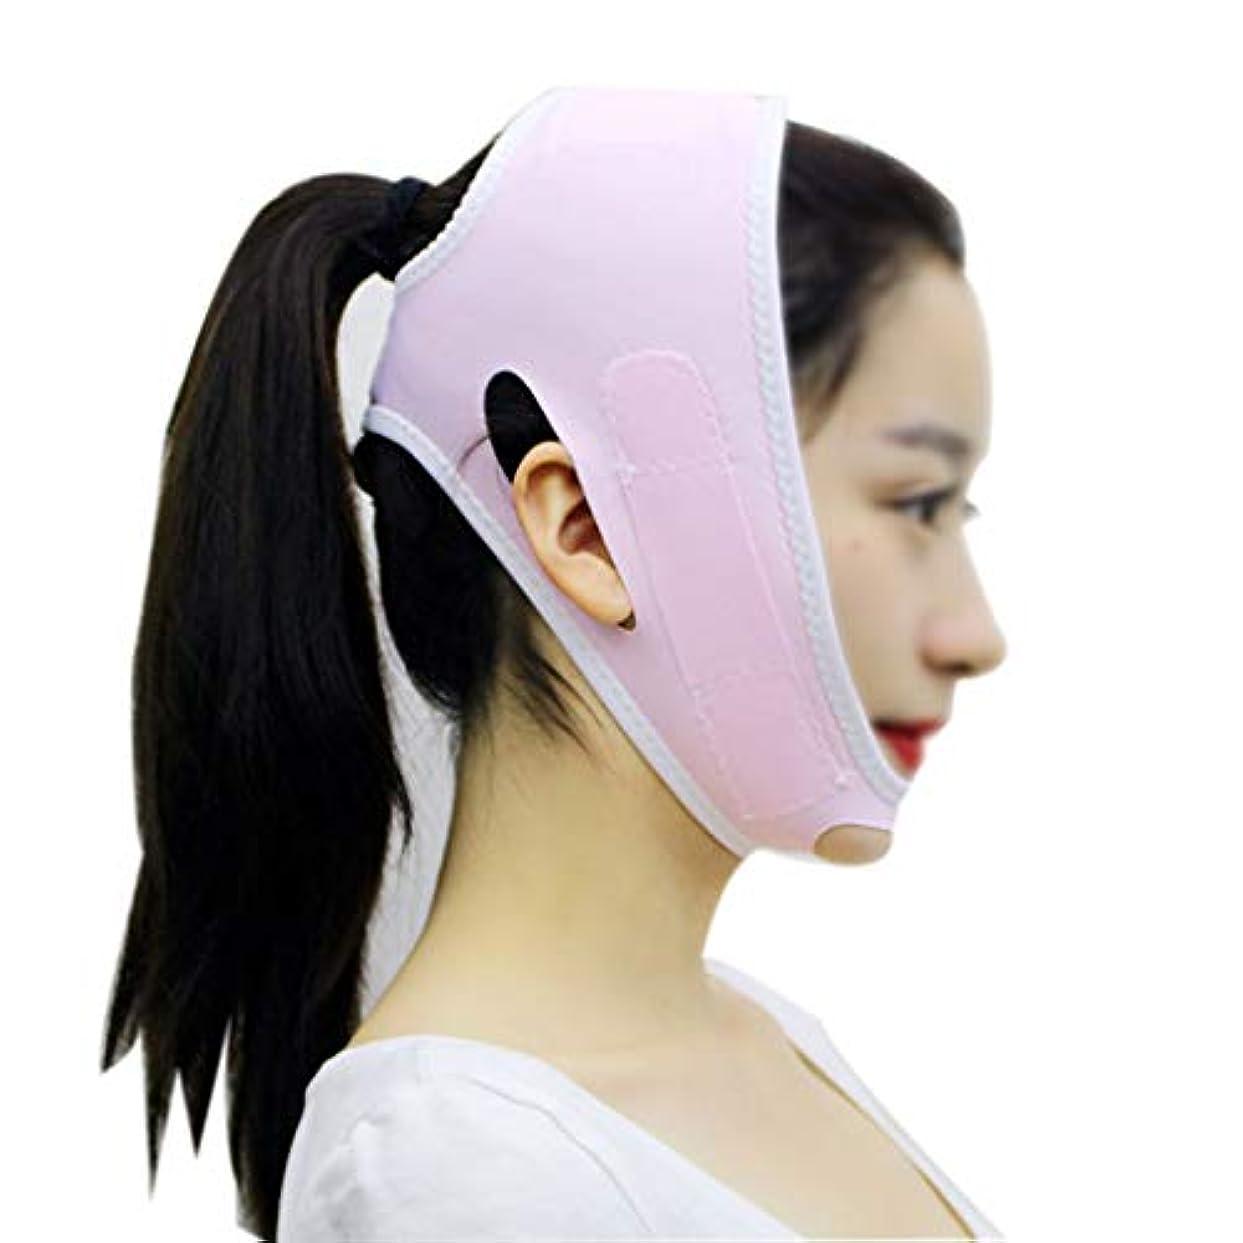 苦しむ戦士補正GLJJQMY 引き締め肌の薄い二重あごマスクを強化するためのフェイスリフティング包帯回復マスク 顔用整形マスク (Color : Pink)